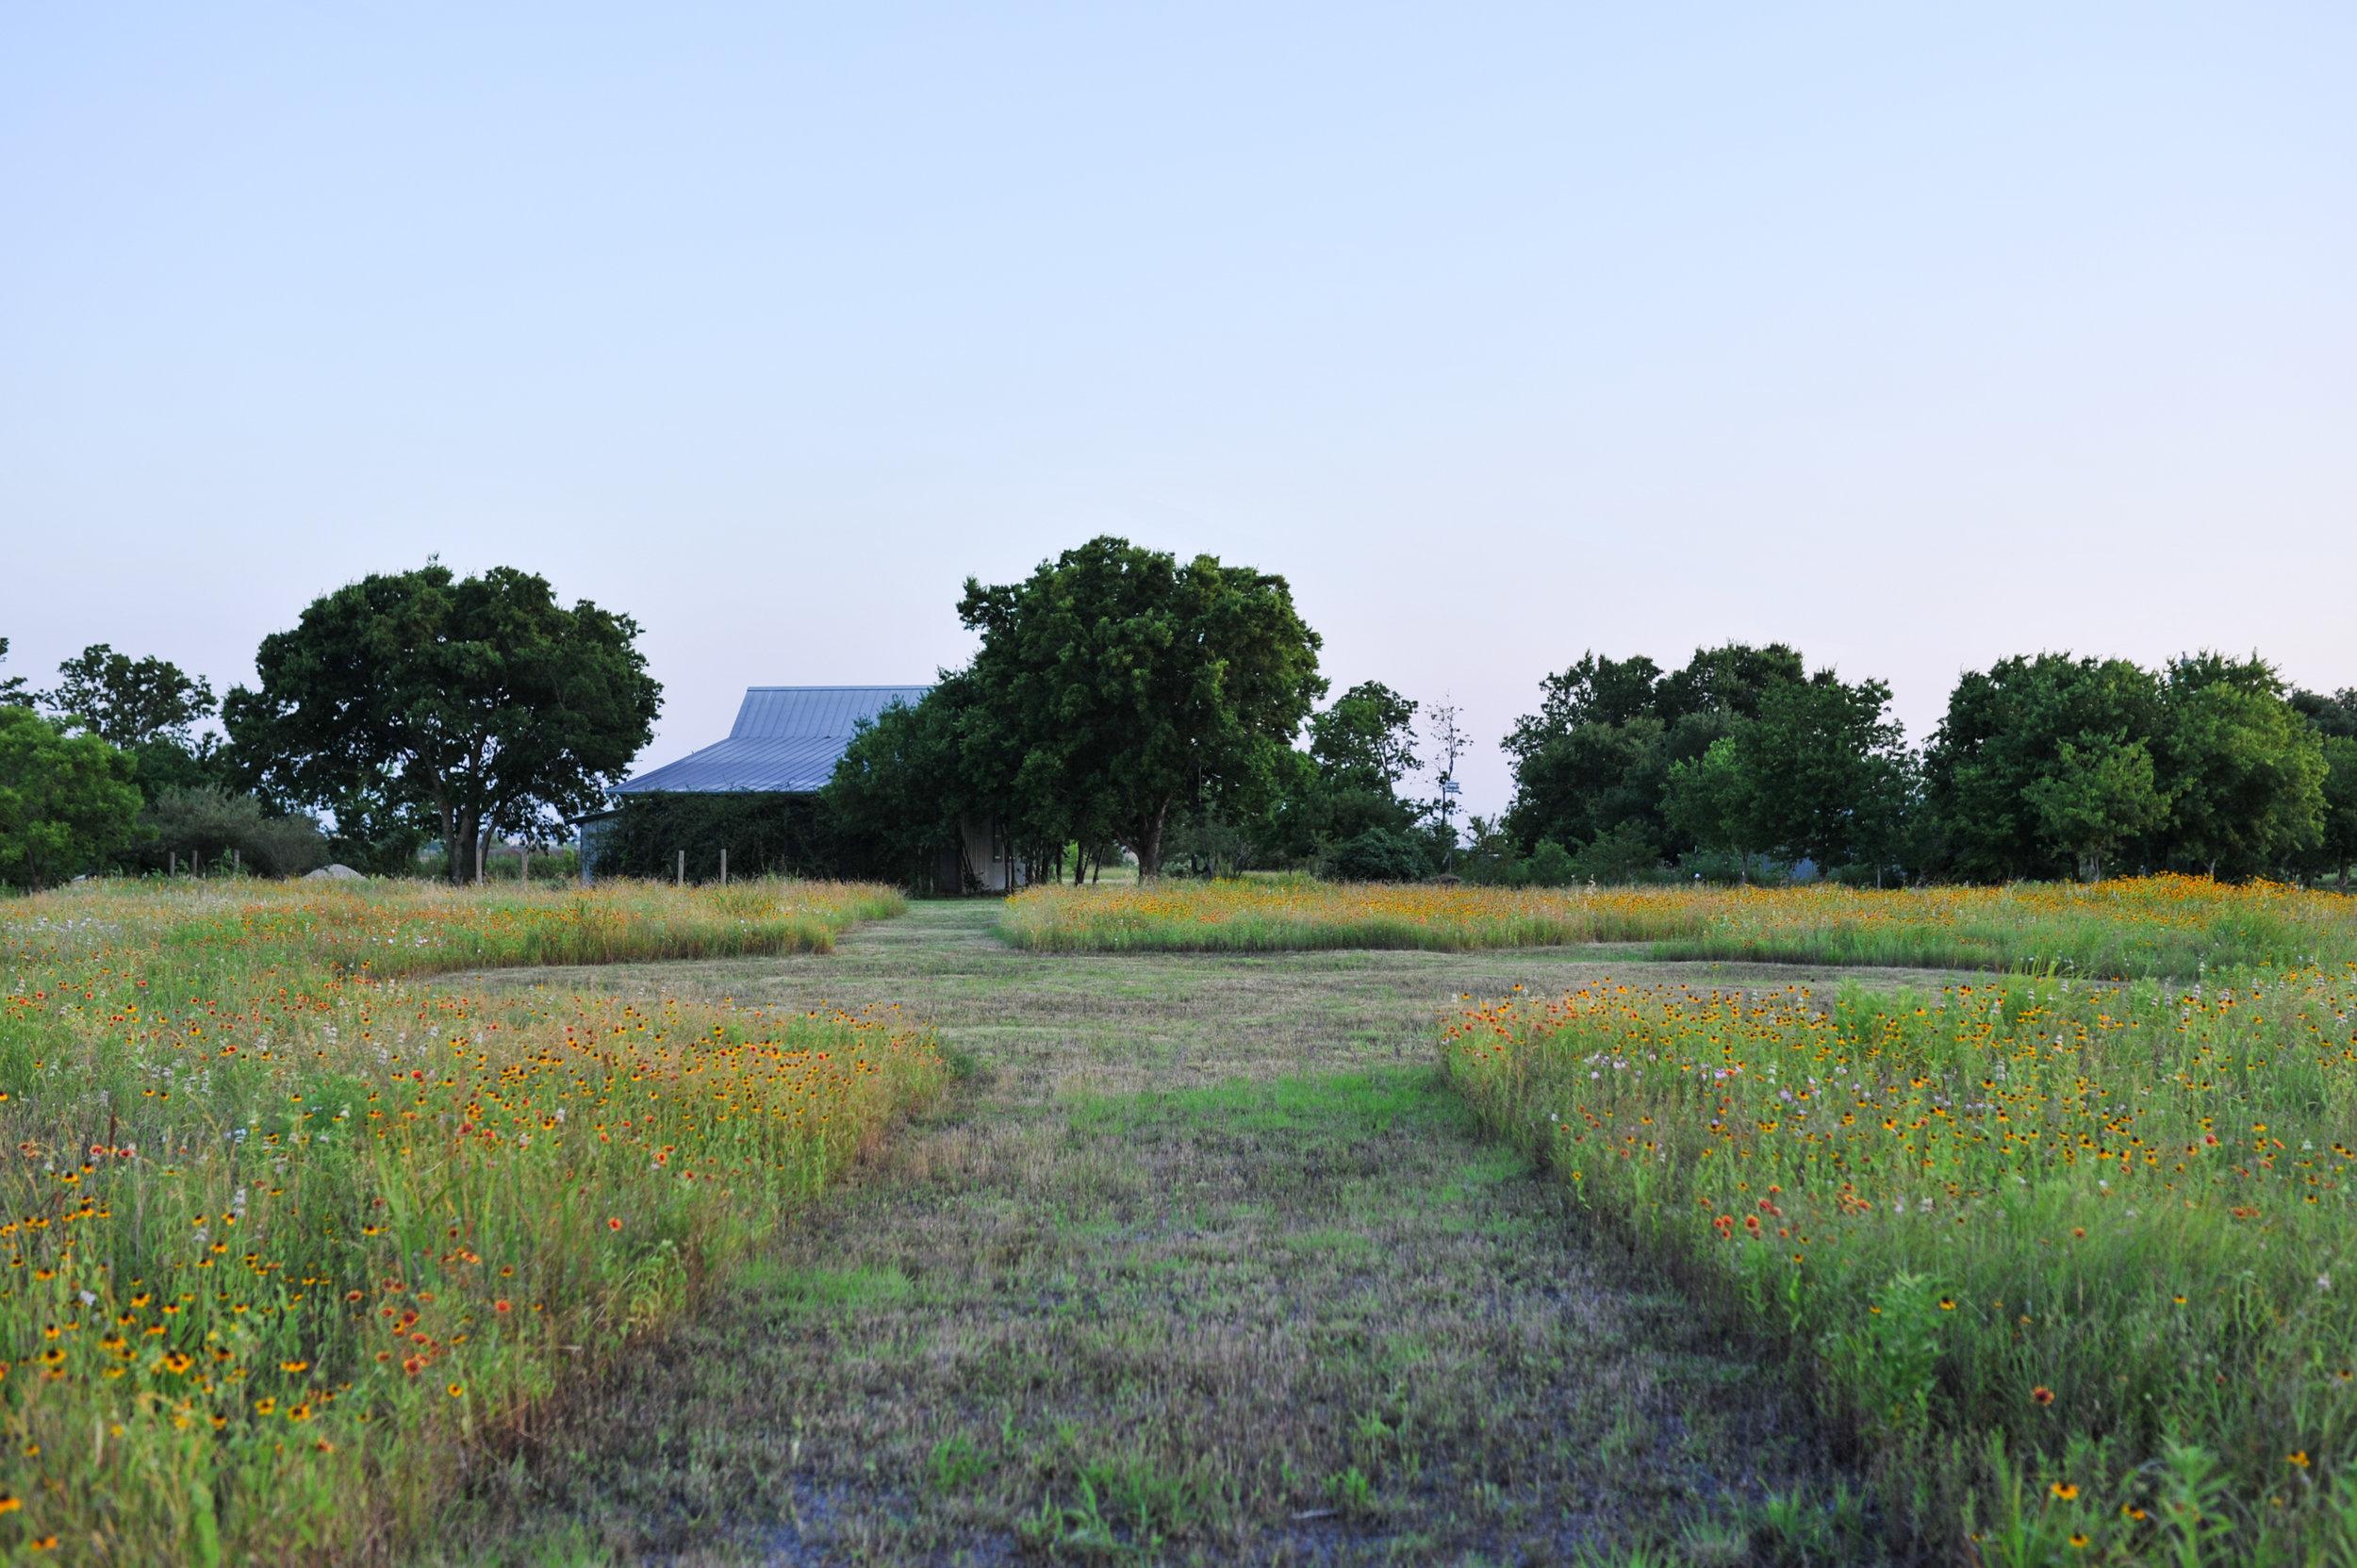 Grassdale wildflower field copy 2.jpg